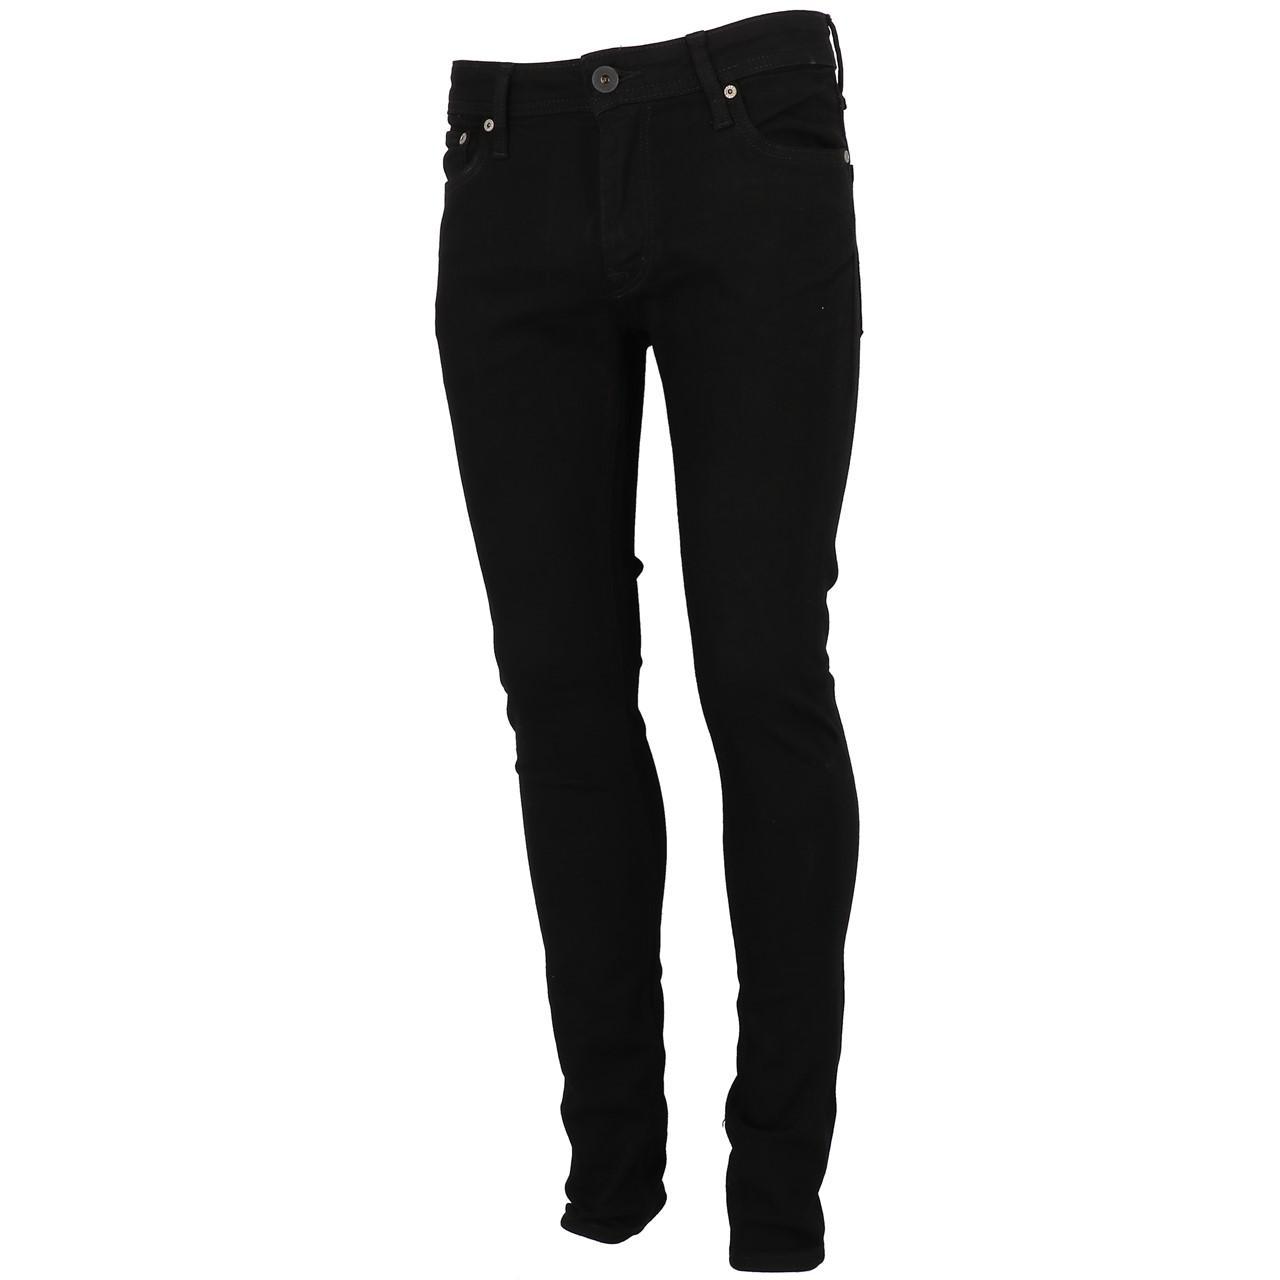 Jeans-Pants-Jack-and-jones-Liam-32-Blk-Denim-Black-Jeans-19909-New